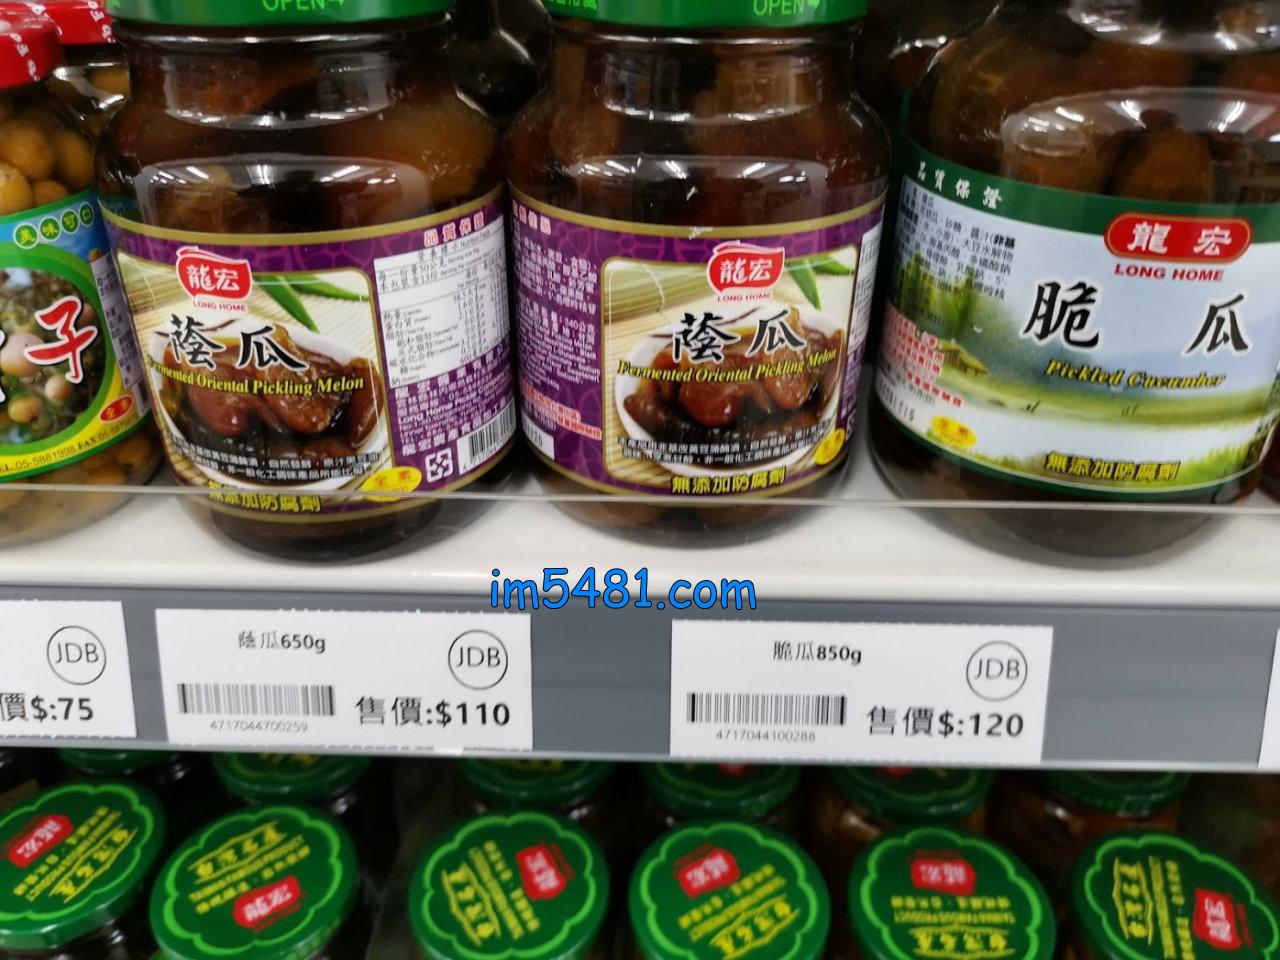 龍宏蔭瓜跟脆瓜的價格比較,論單價,絕對是蔭瓜比脆瓜貴!(蔭瓜為0.169元/g,脆瓜0.141元/g)